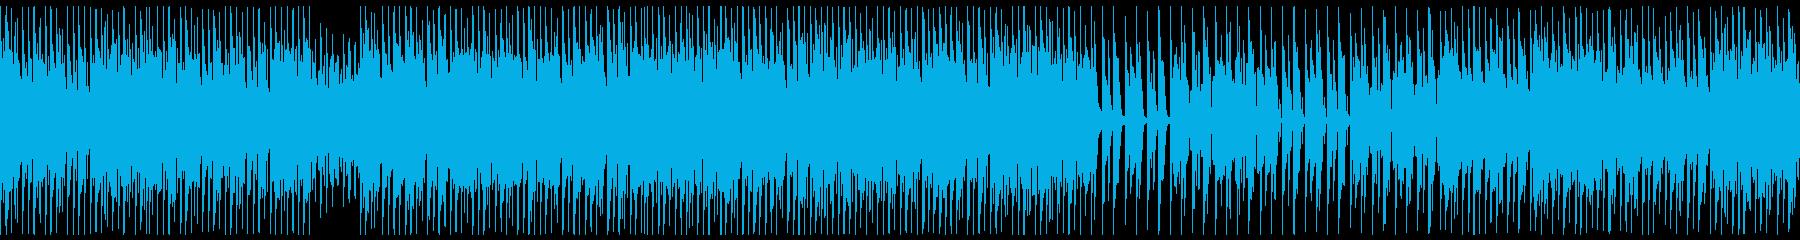 ほのぼのポップなピアノのテクノの再生済みの波形